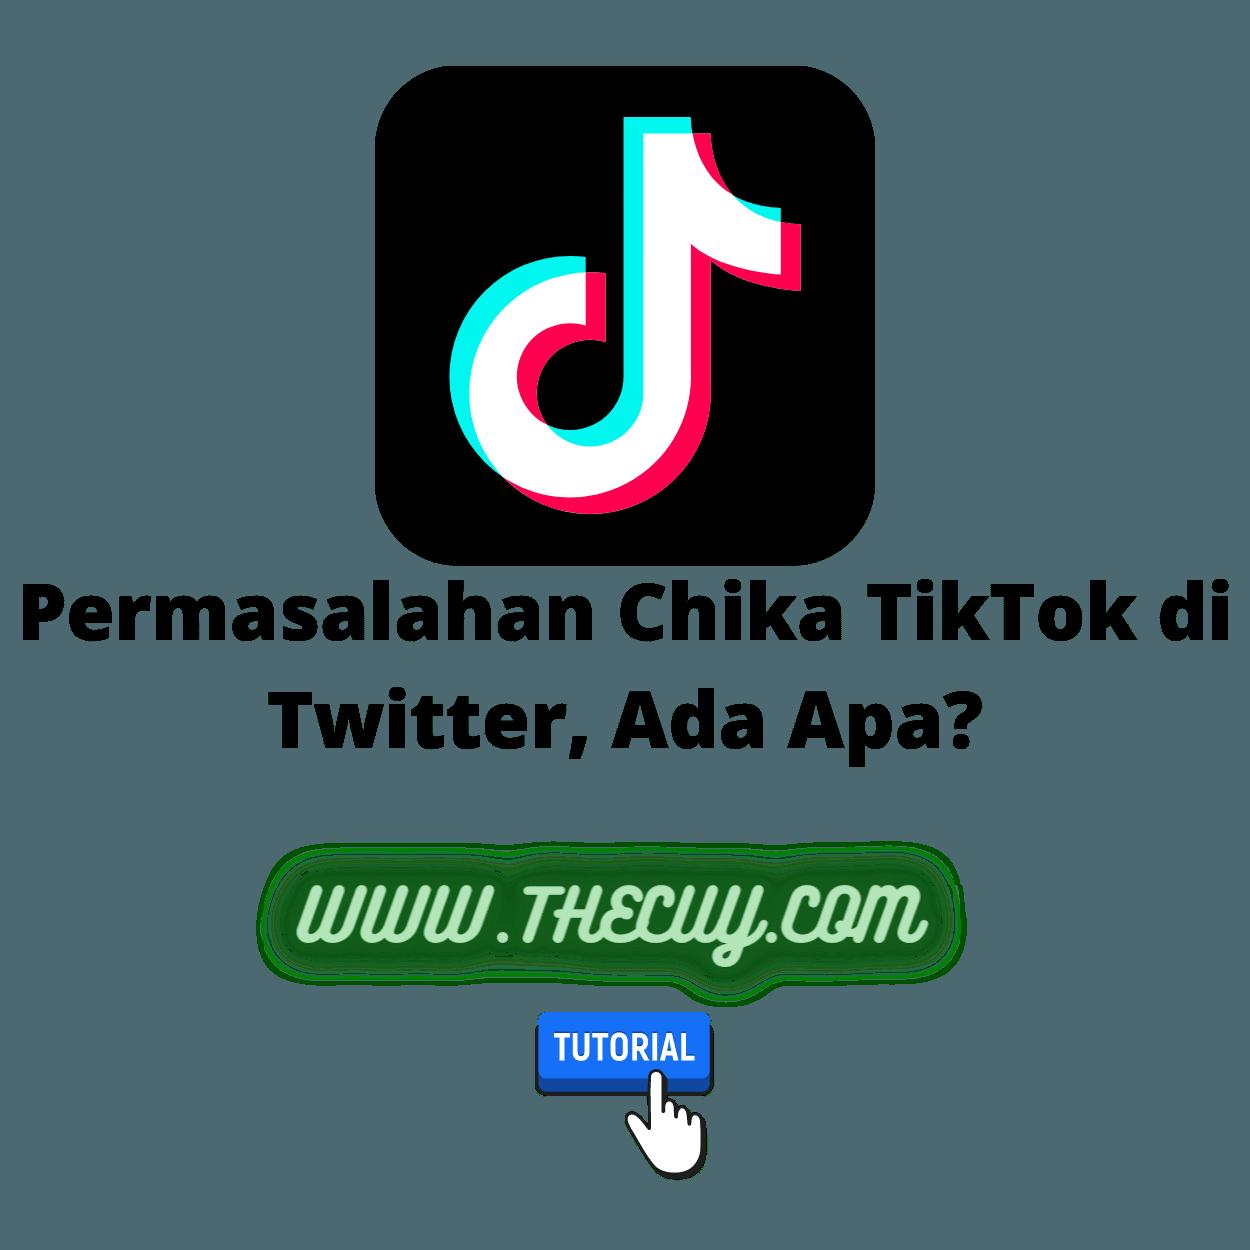 Permasalahan Chika TikTok di Twitter, Ada Apa?